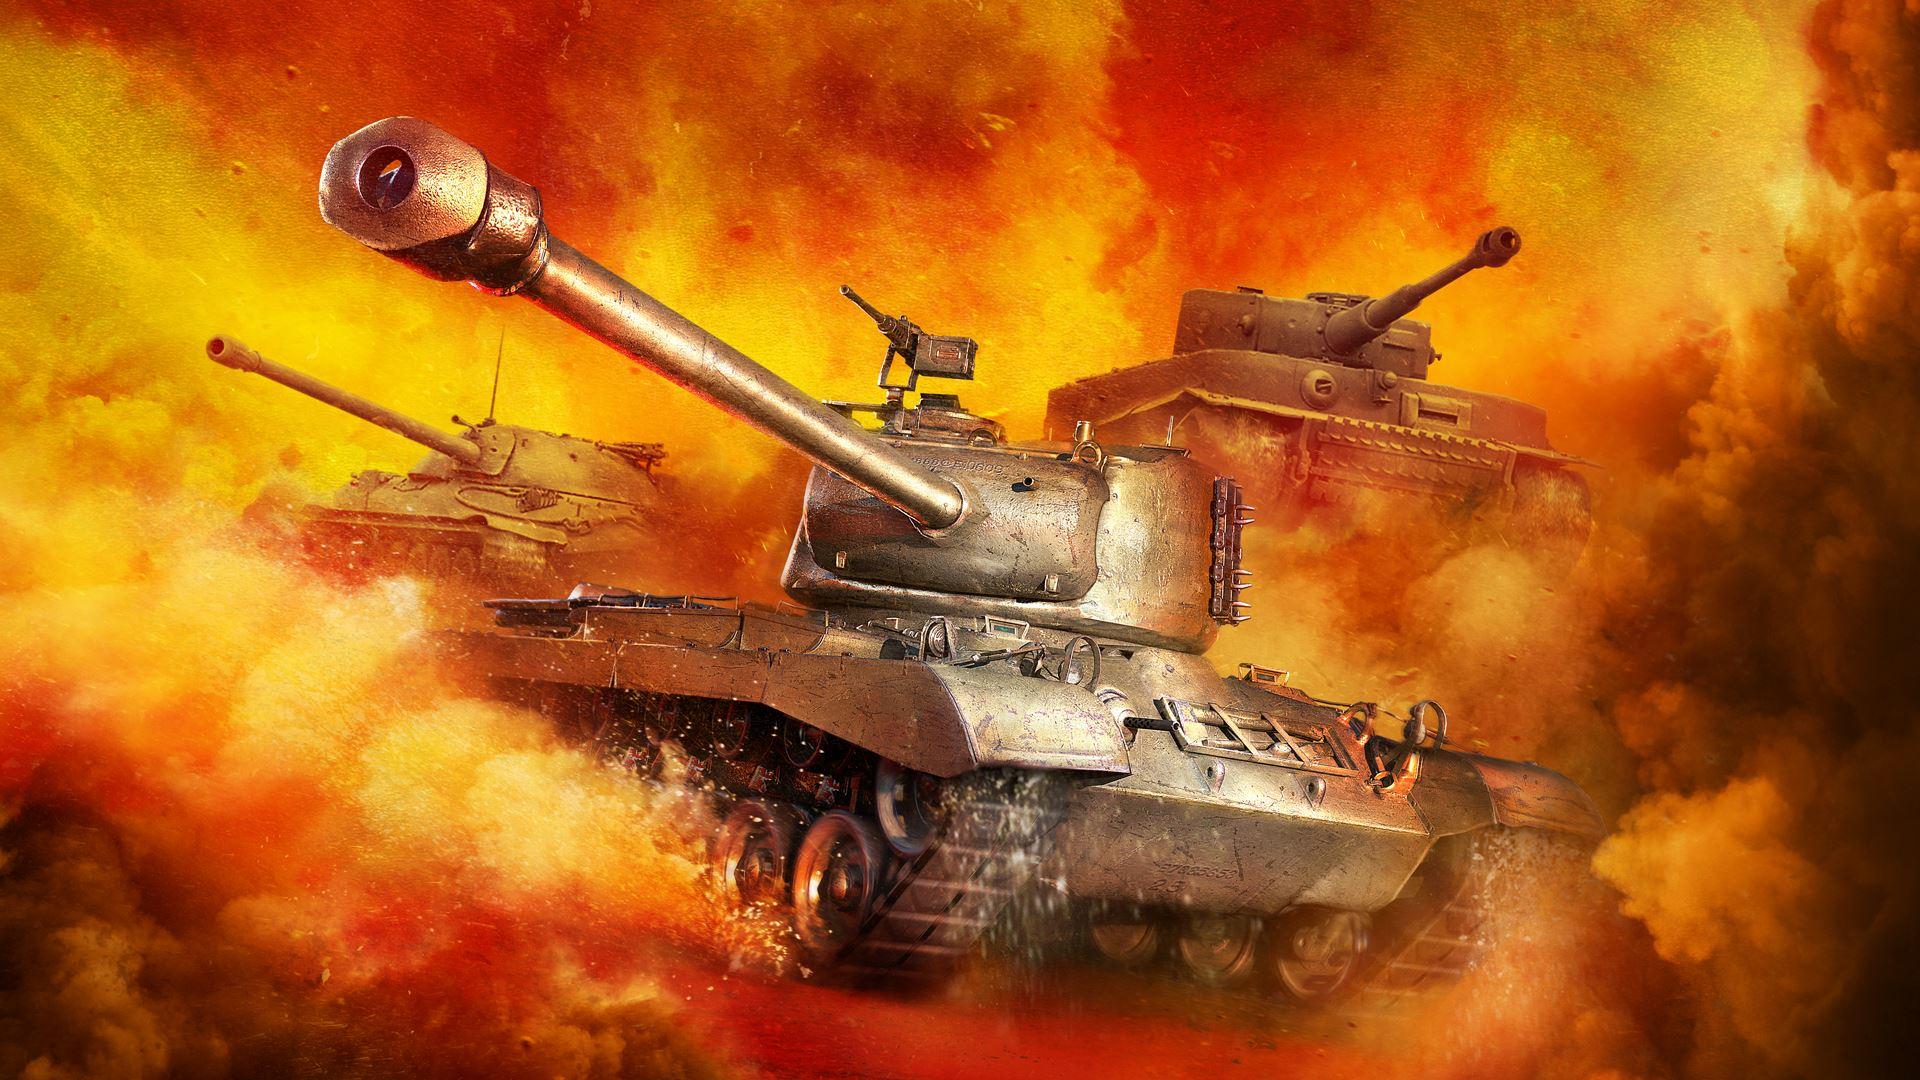 23/12/2017· La mise à jour 1.0 de World of Tanks est prévue pour mars 2018 sur PC, PlayStation 4 et Xbox One.